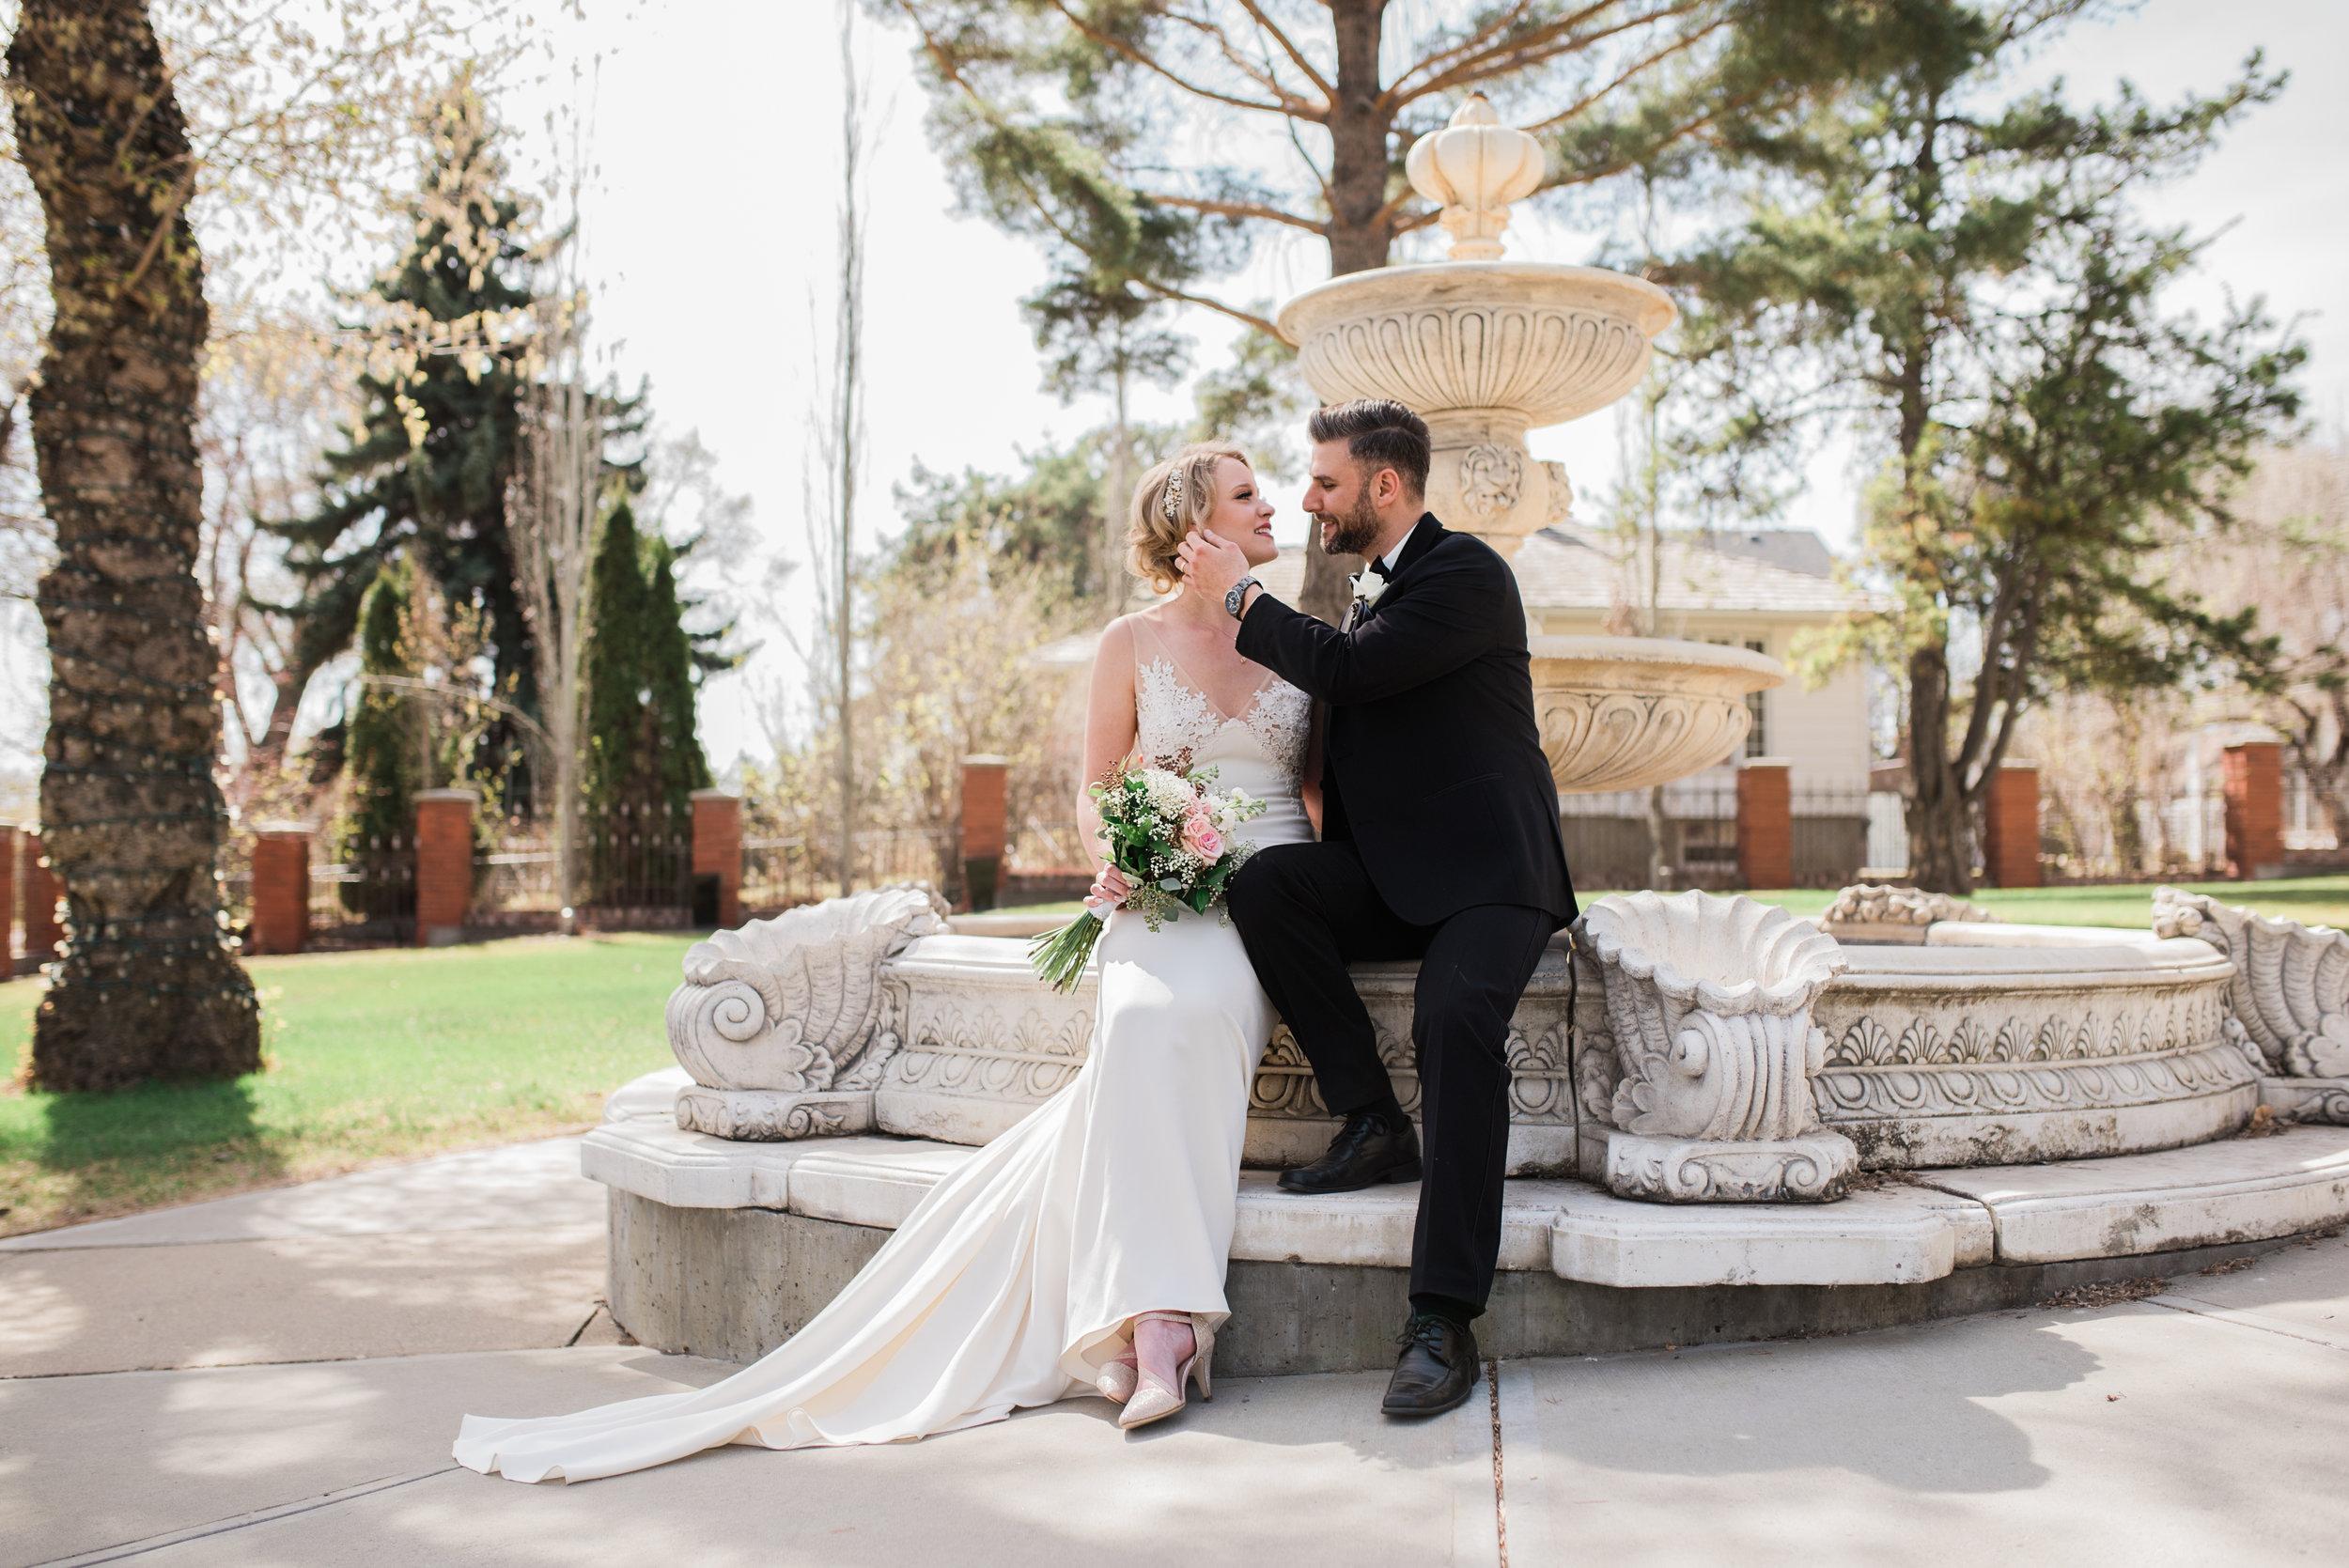 Ali Samantha Wedding 736-Edit.jpg